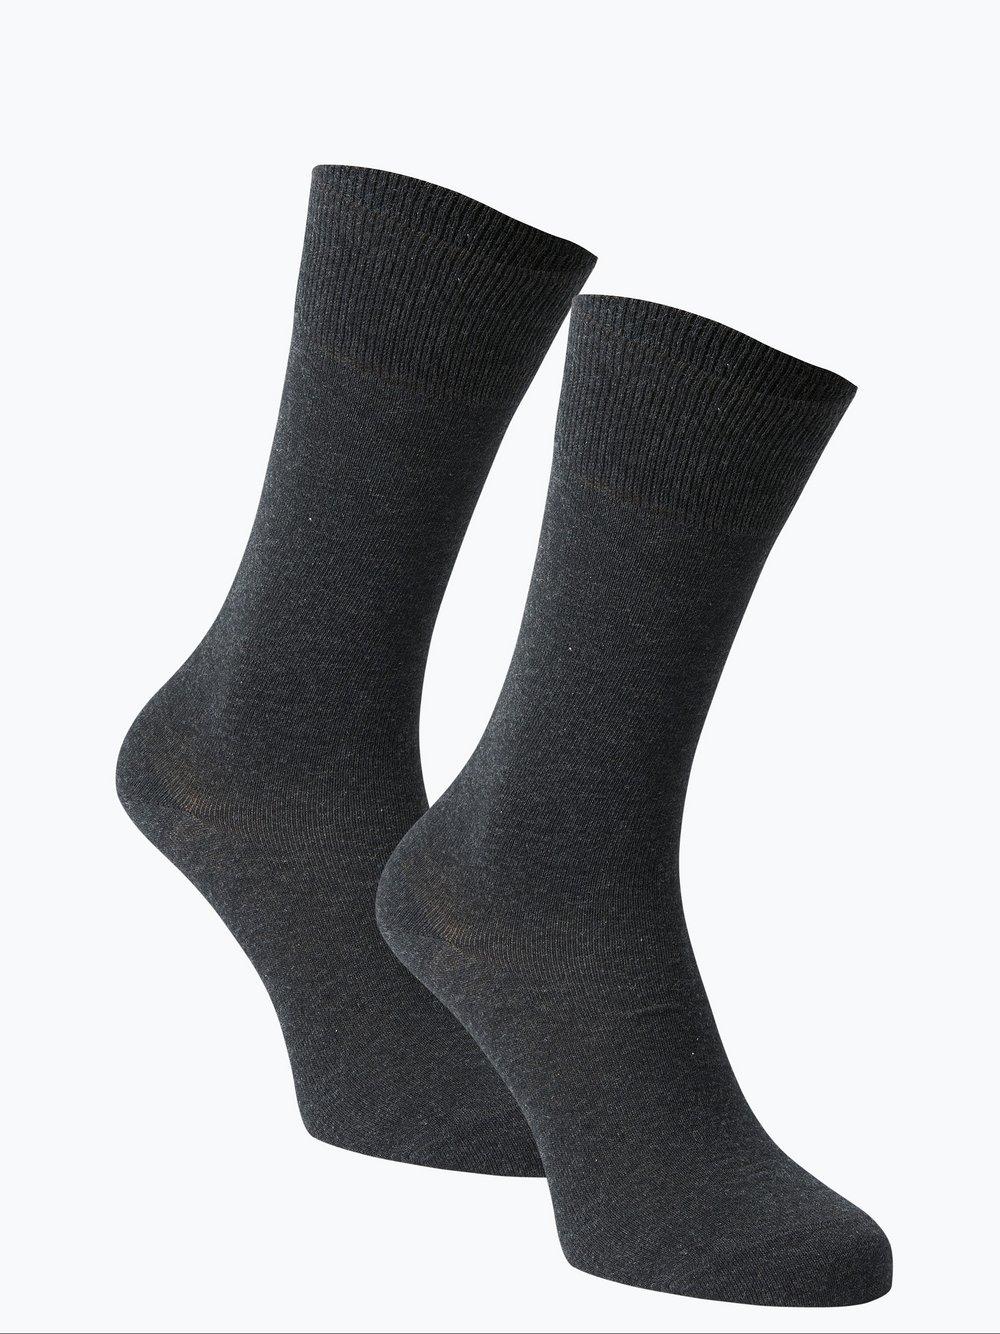 Genießen Sie kostenlosen Versand zarte Farben populärer Stil Herren Socken im 2er-Pack - Swing